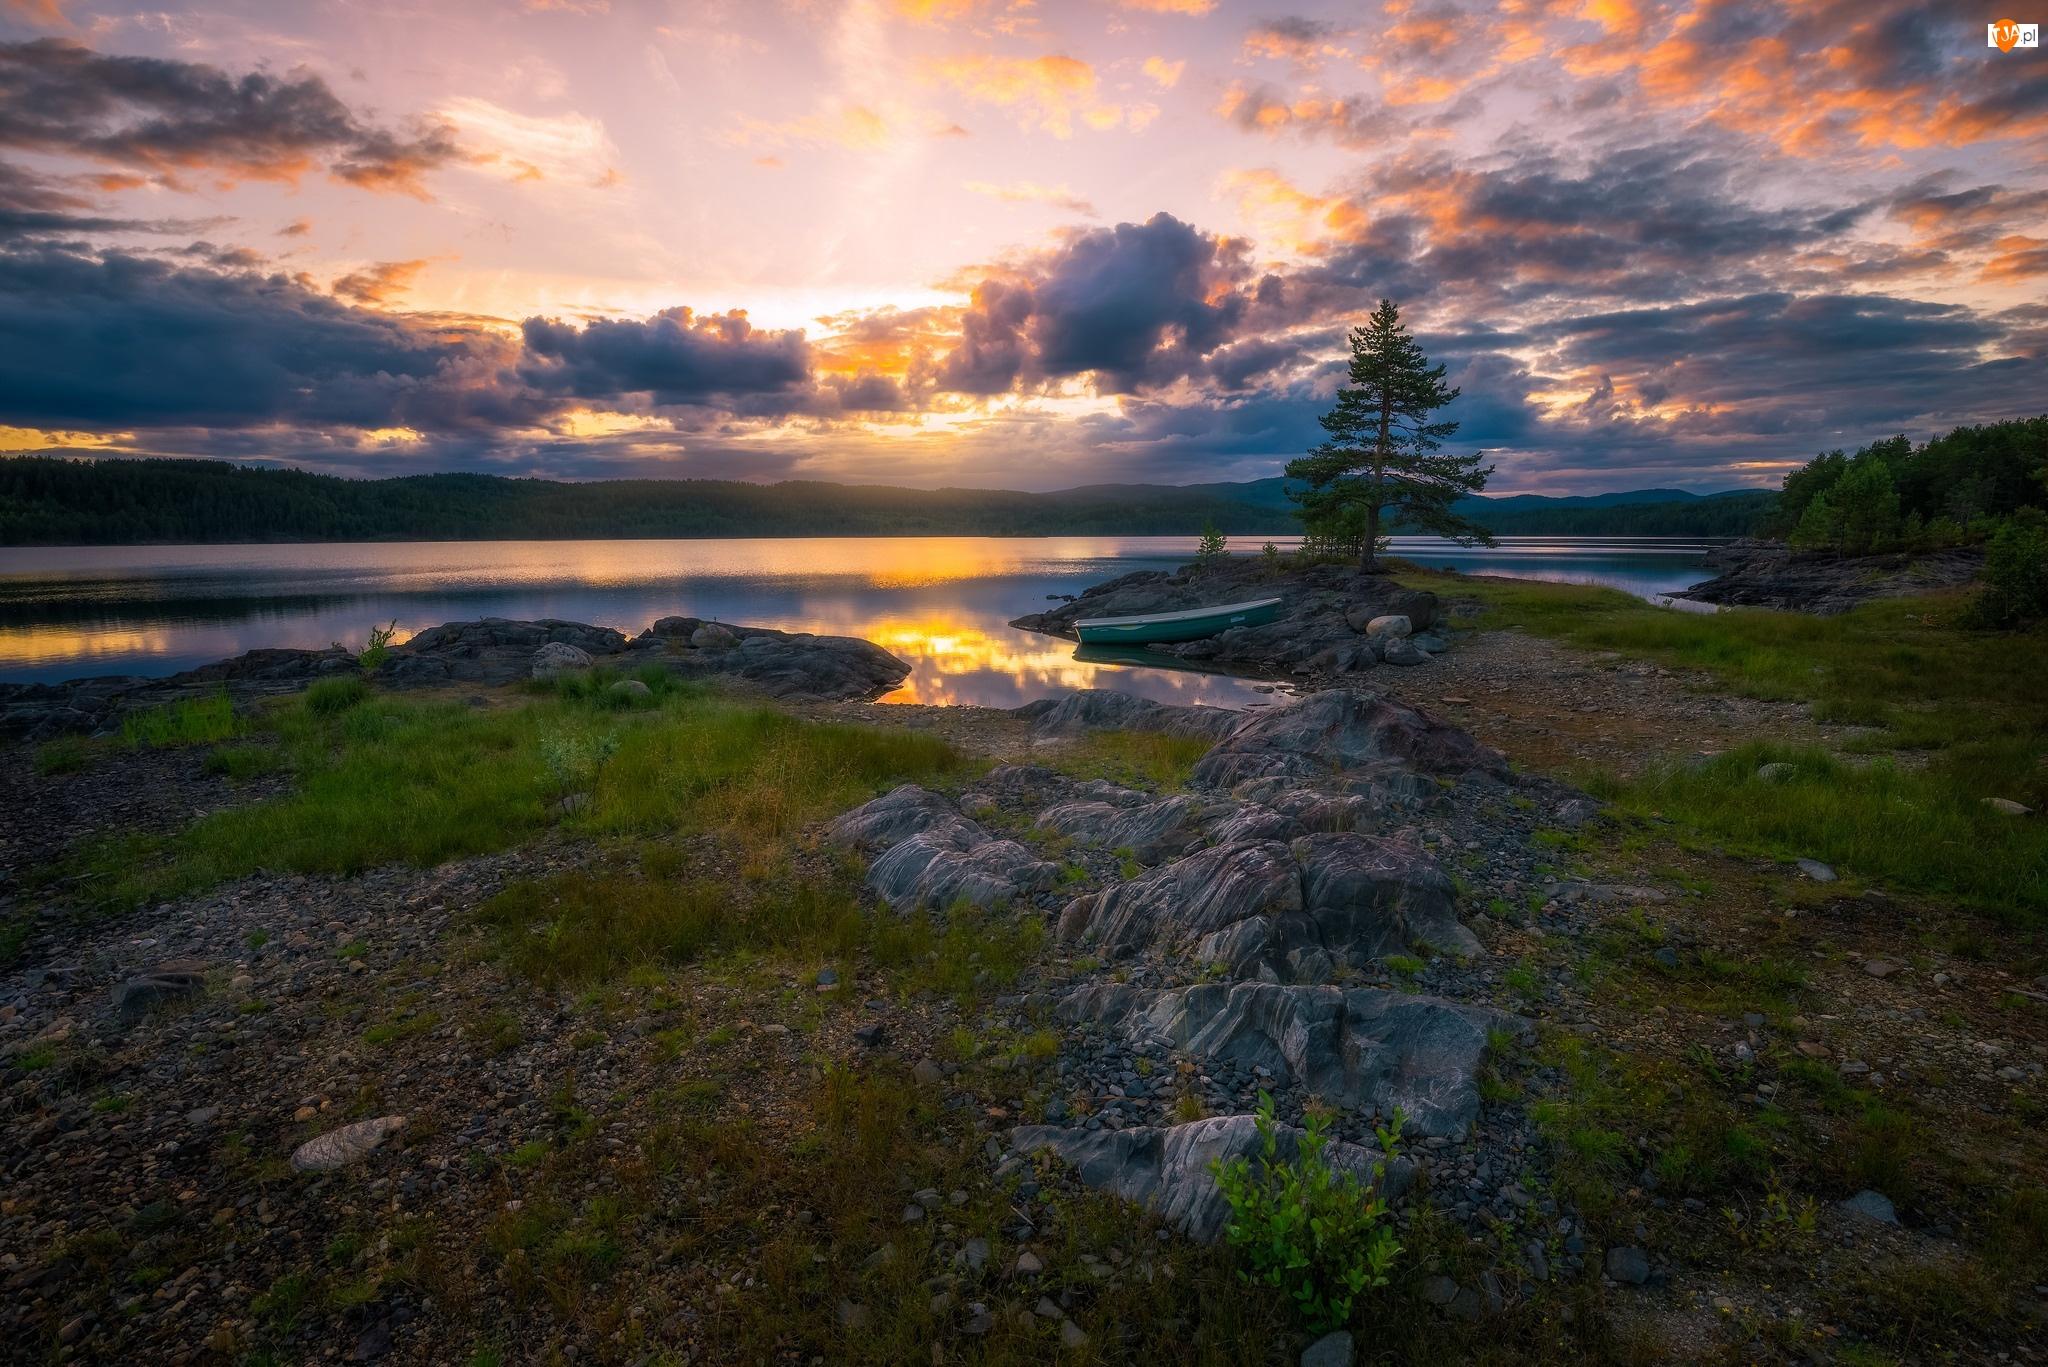 Norwegia, Gmina Ringerike, Łódka, Zachód słońca, Drzewa, Kamienie, Jezioro